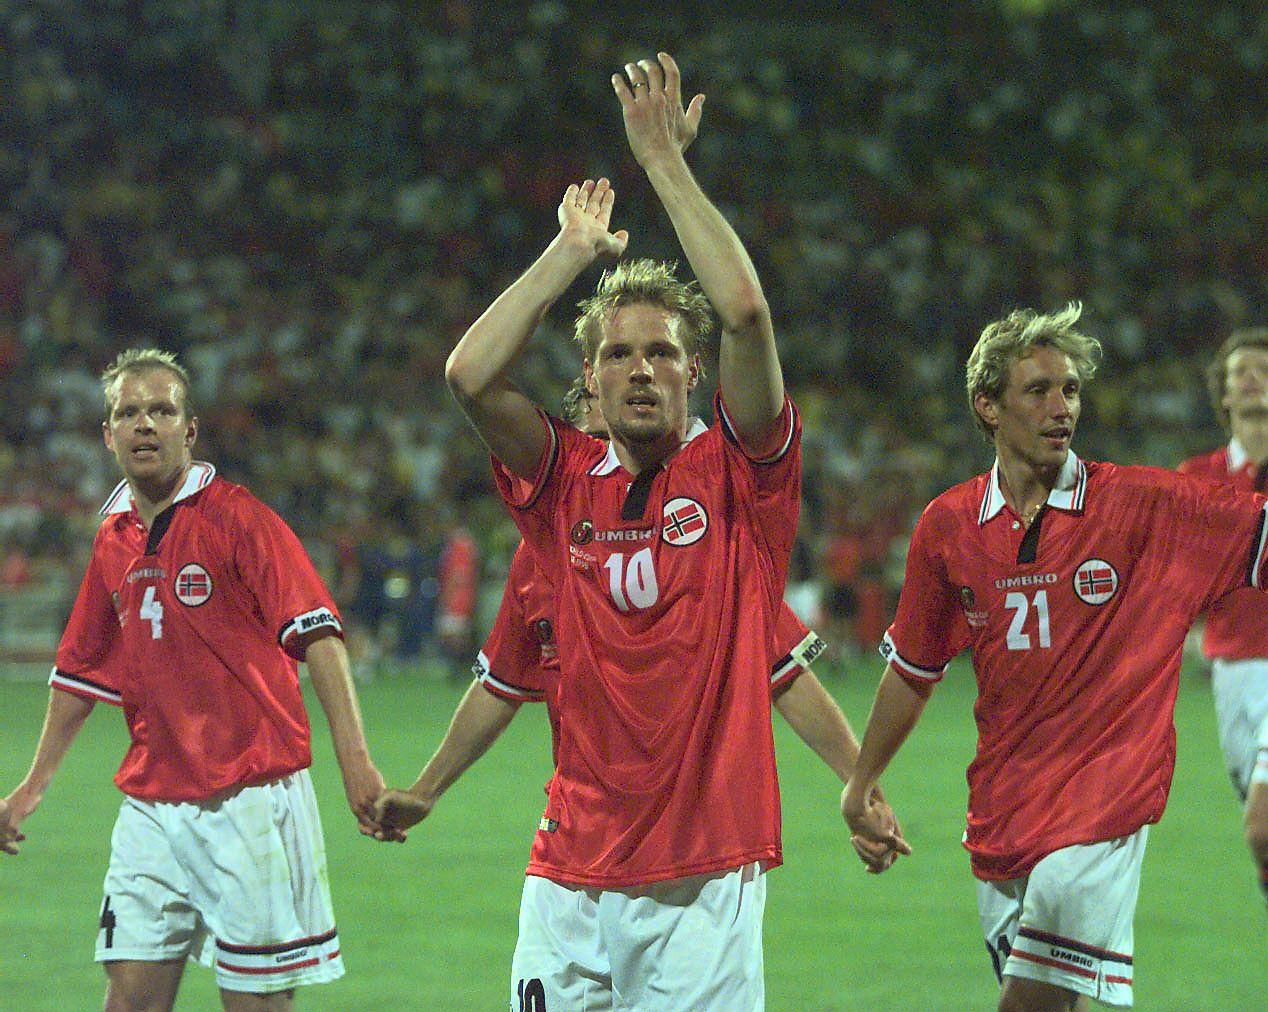 DEN GANG DA: Henning Berg (t.v.), Kjetil Rekdal og Vidar Riseth (t.h) etter 2-1-seieren mot  Brasil i VM 1998. De mener dagens landslagsspillere må takle presset.